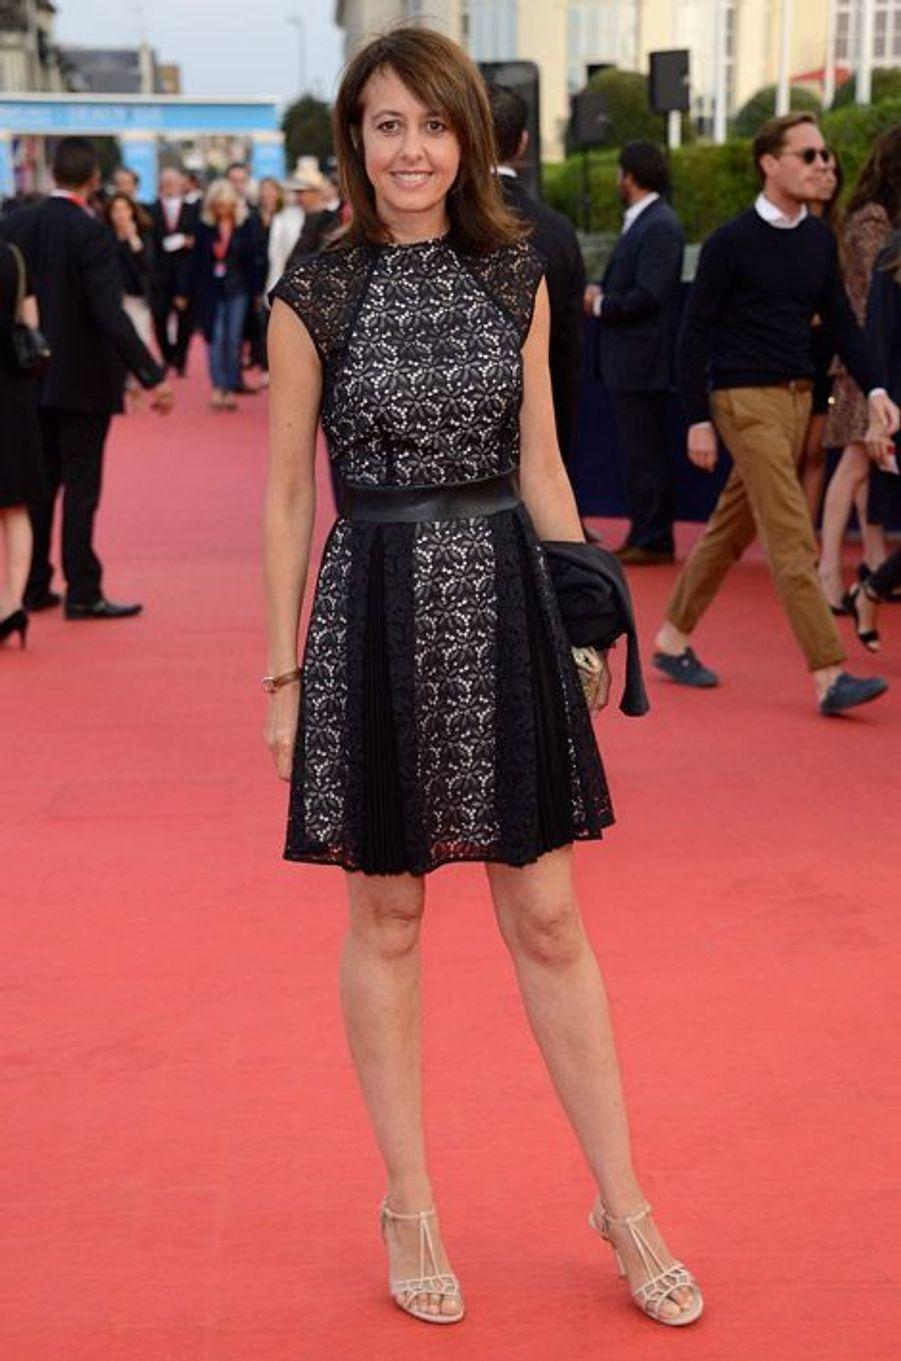 Valérie Bonneton lors de la cérémonie de clôture du festival du cinéma américain de Deauville, le 13 septembre 2014